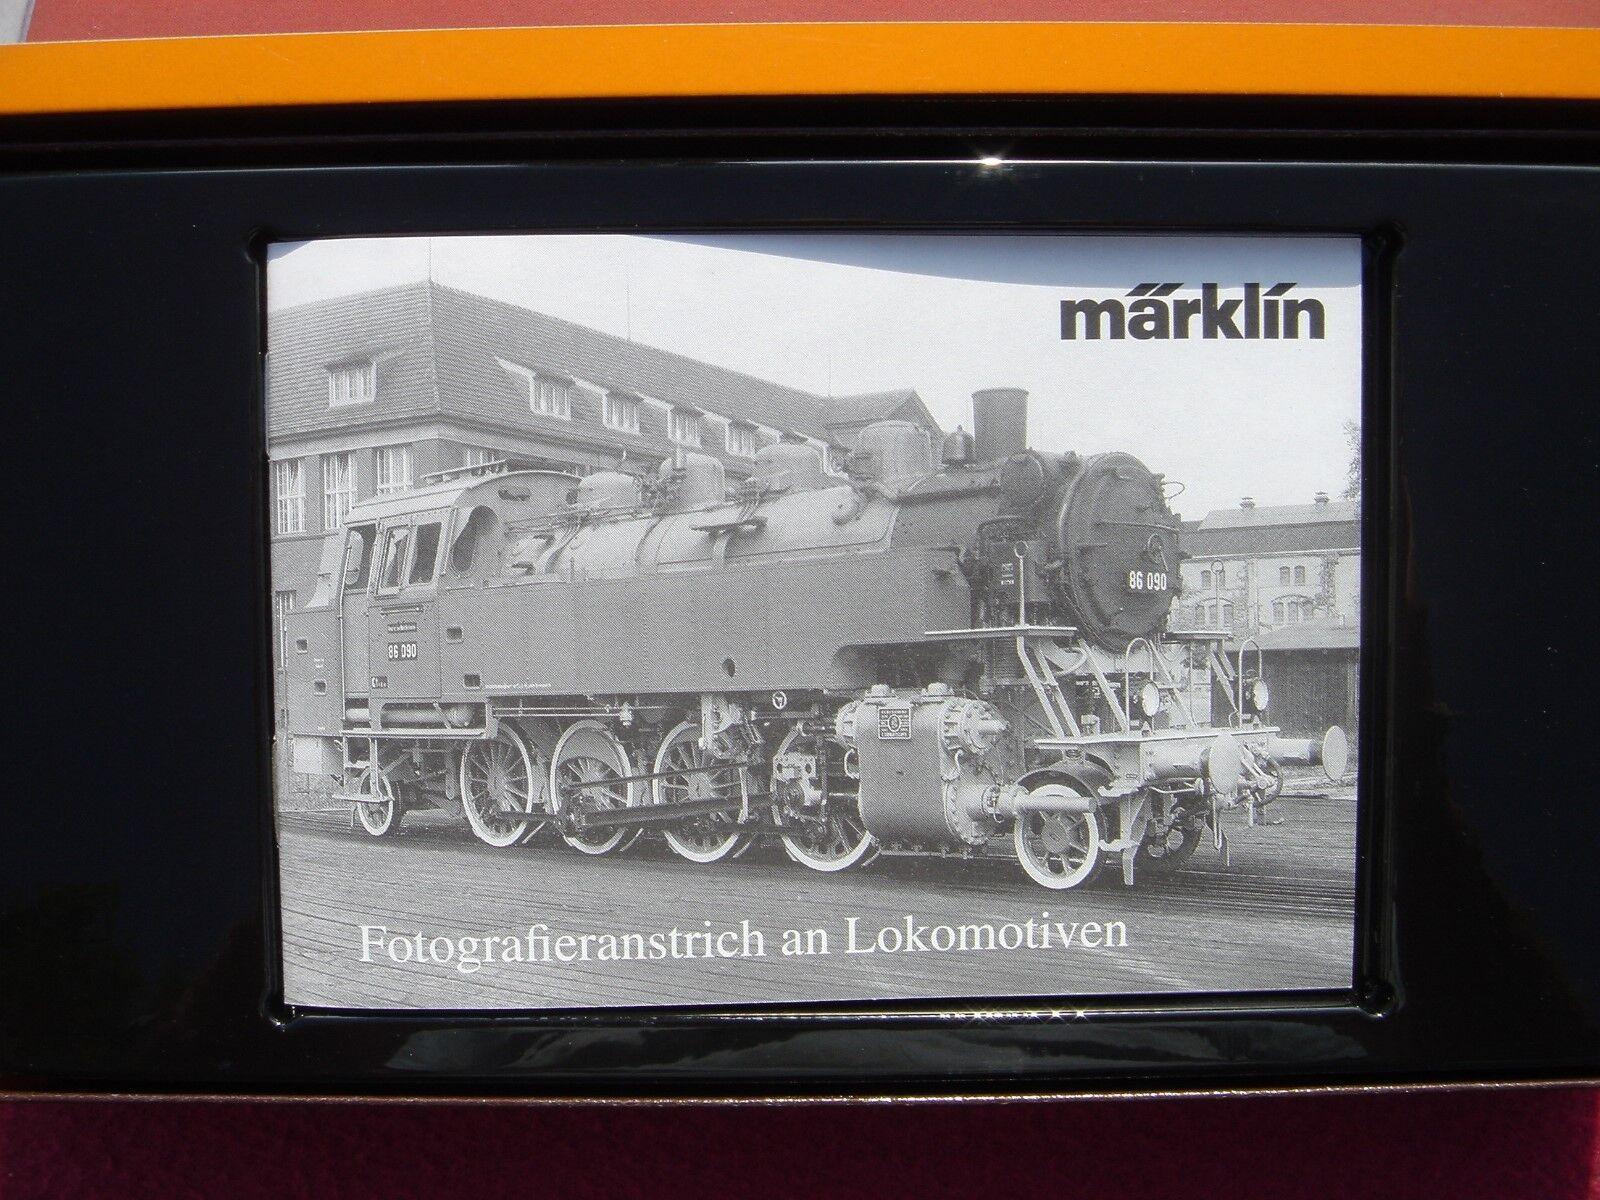 MÄRKLIN Z 88961 TENDERLOKOMOTIVE BR 86 DRG FOTOANSTRICH FOTOANSTRICH FOTOANSTRICH -  NEU    -  | Fierce Kaufen  6cfa23